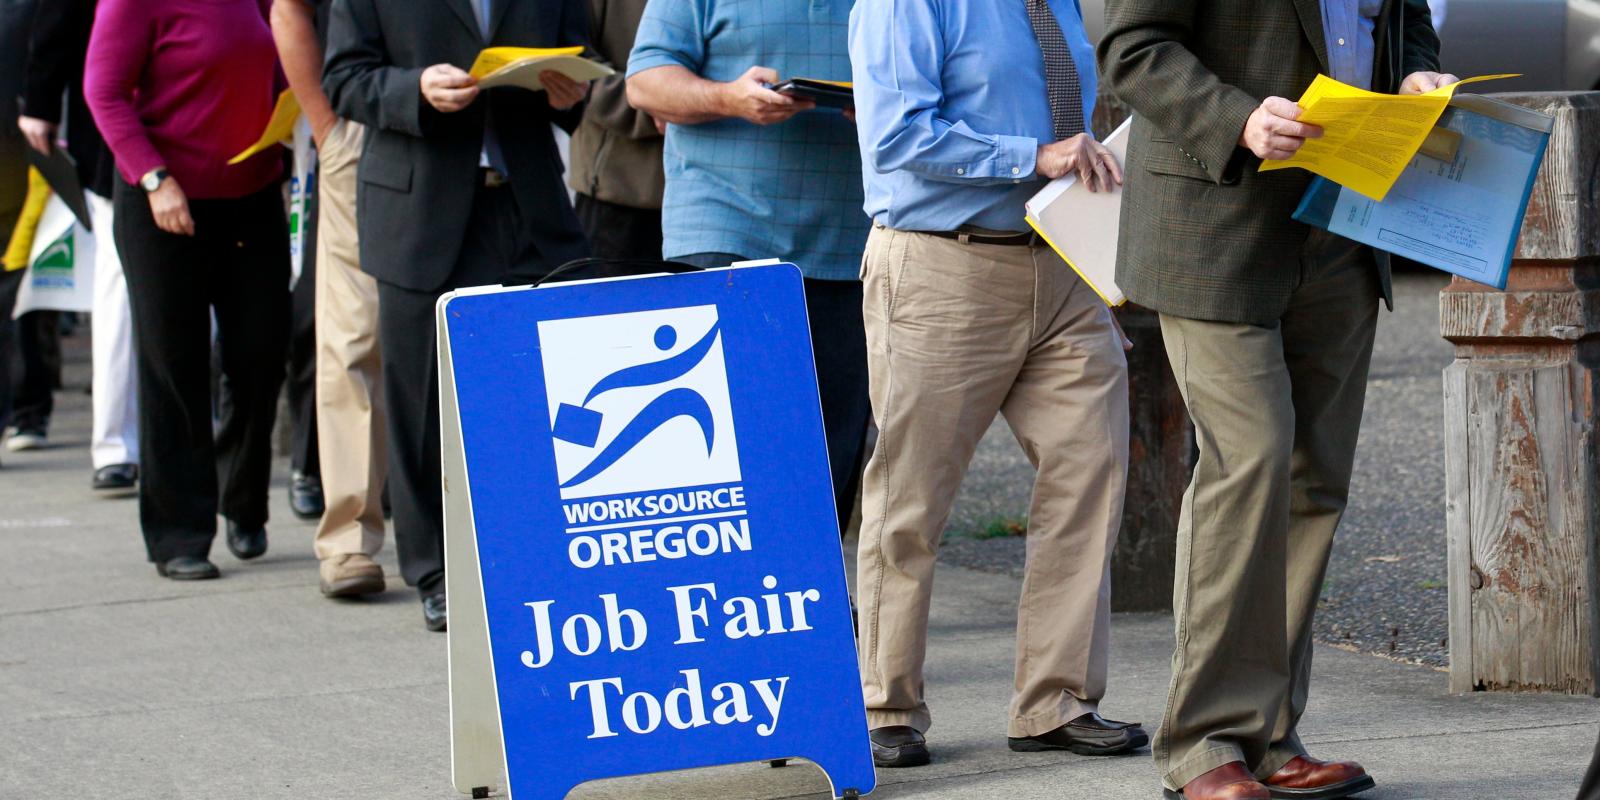 Sẽ có thêm tiền cho những người thất nghiệp?